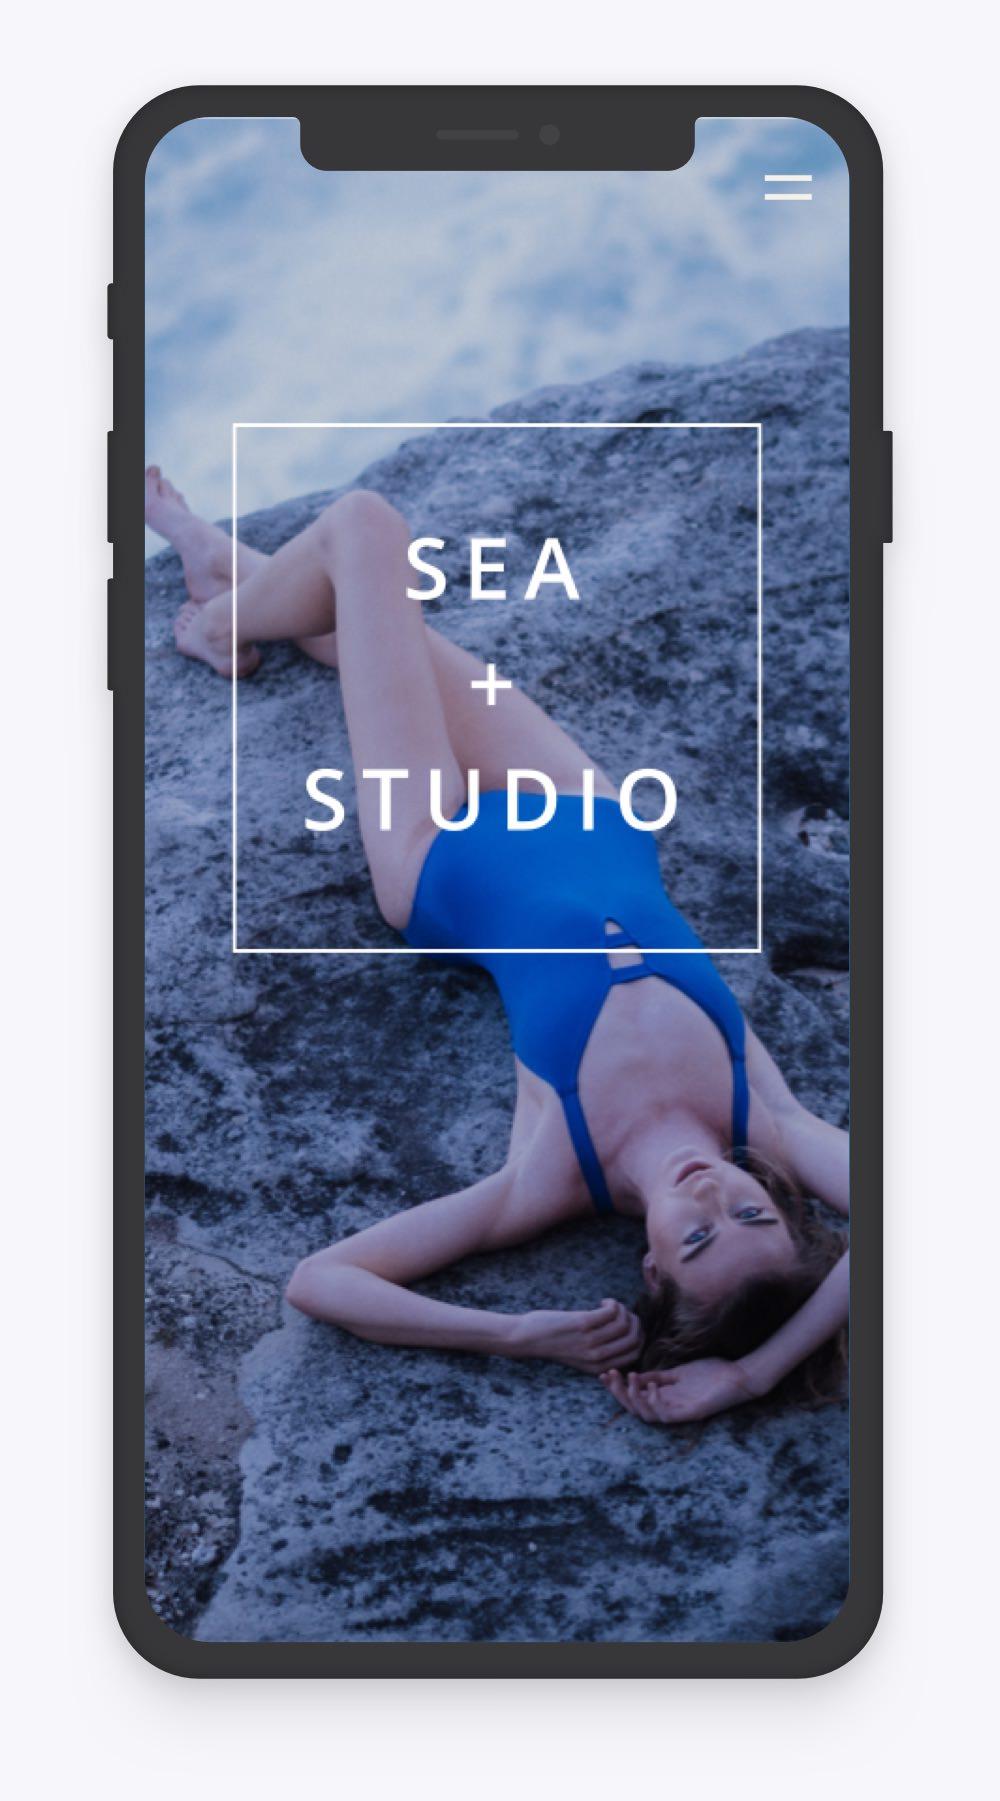 Mobile homepage design for pilates and yoga studio